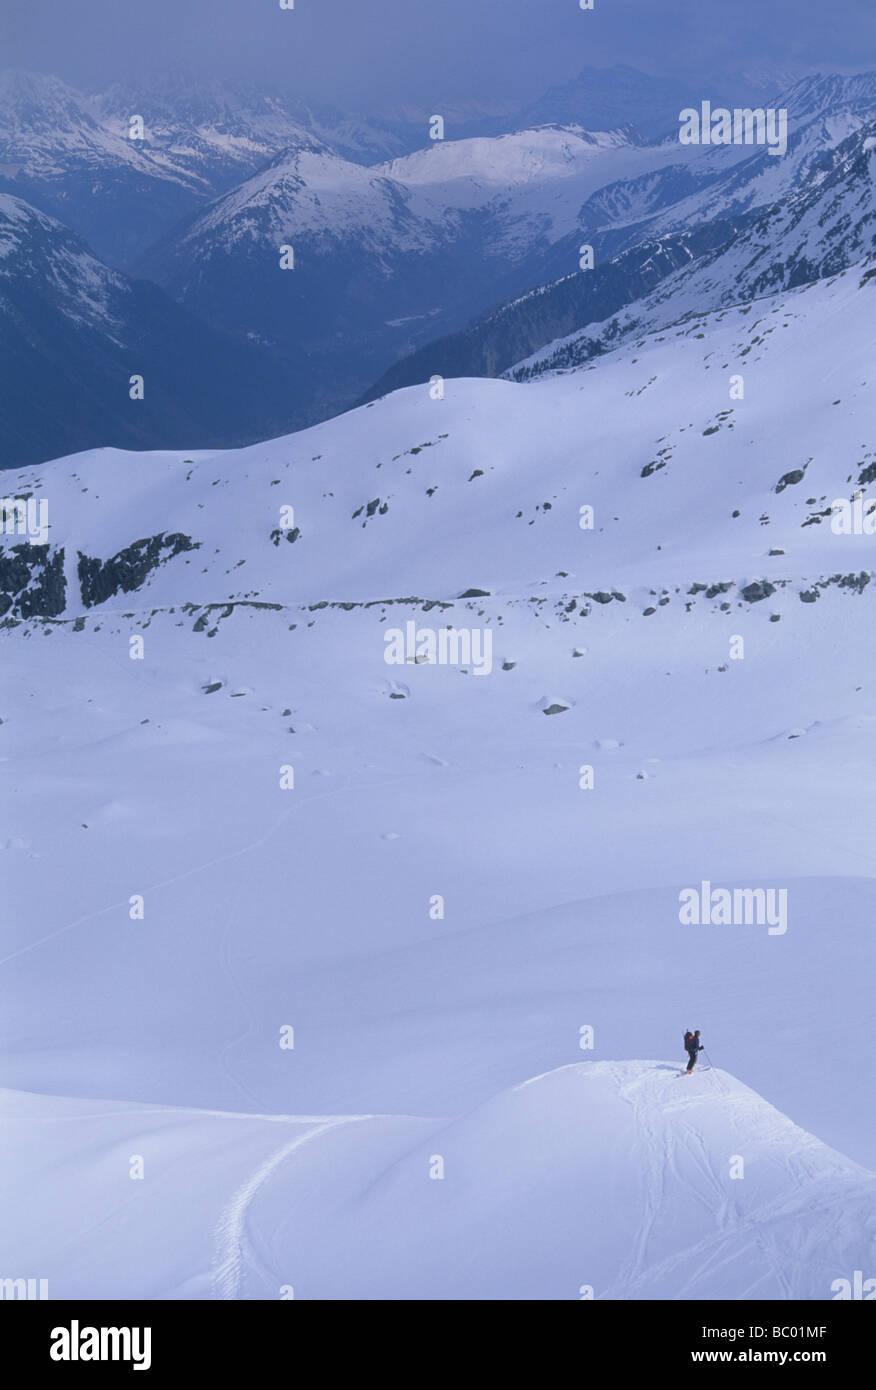 Skifahren auf Mt. Blanc nach erfolgreicher Gipfel des westlichen Europas höchstem Berg. Stockbild